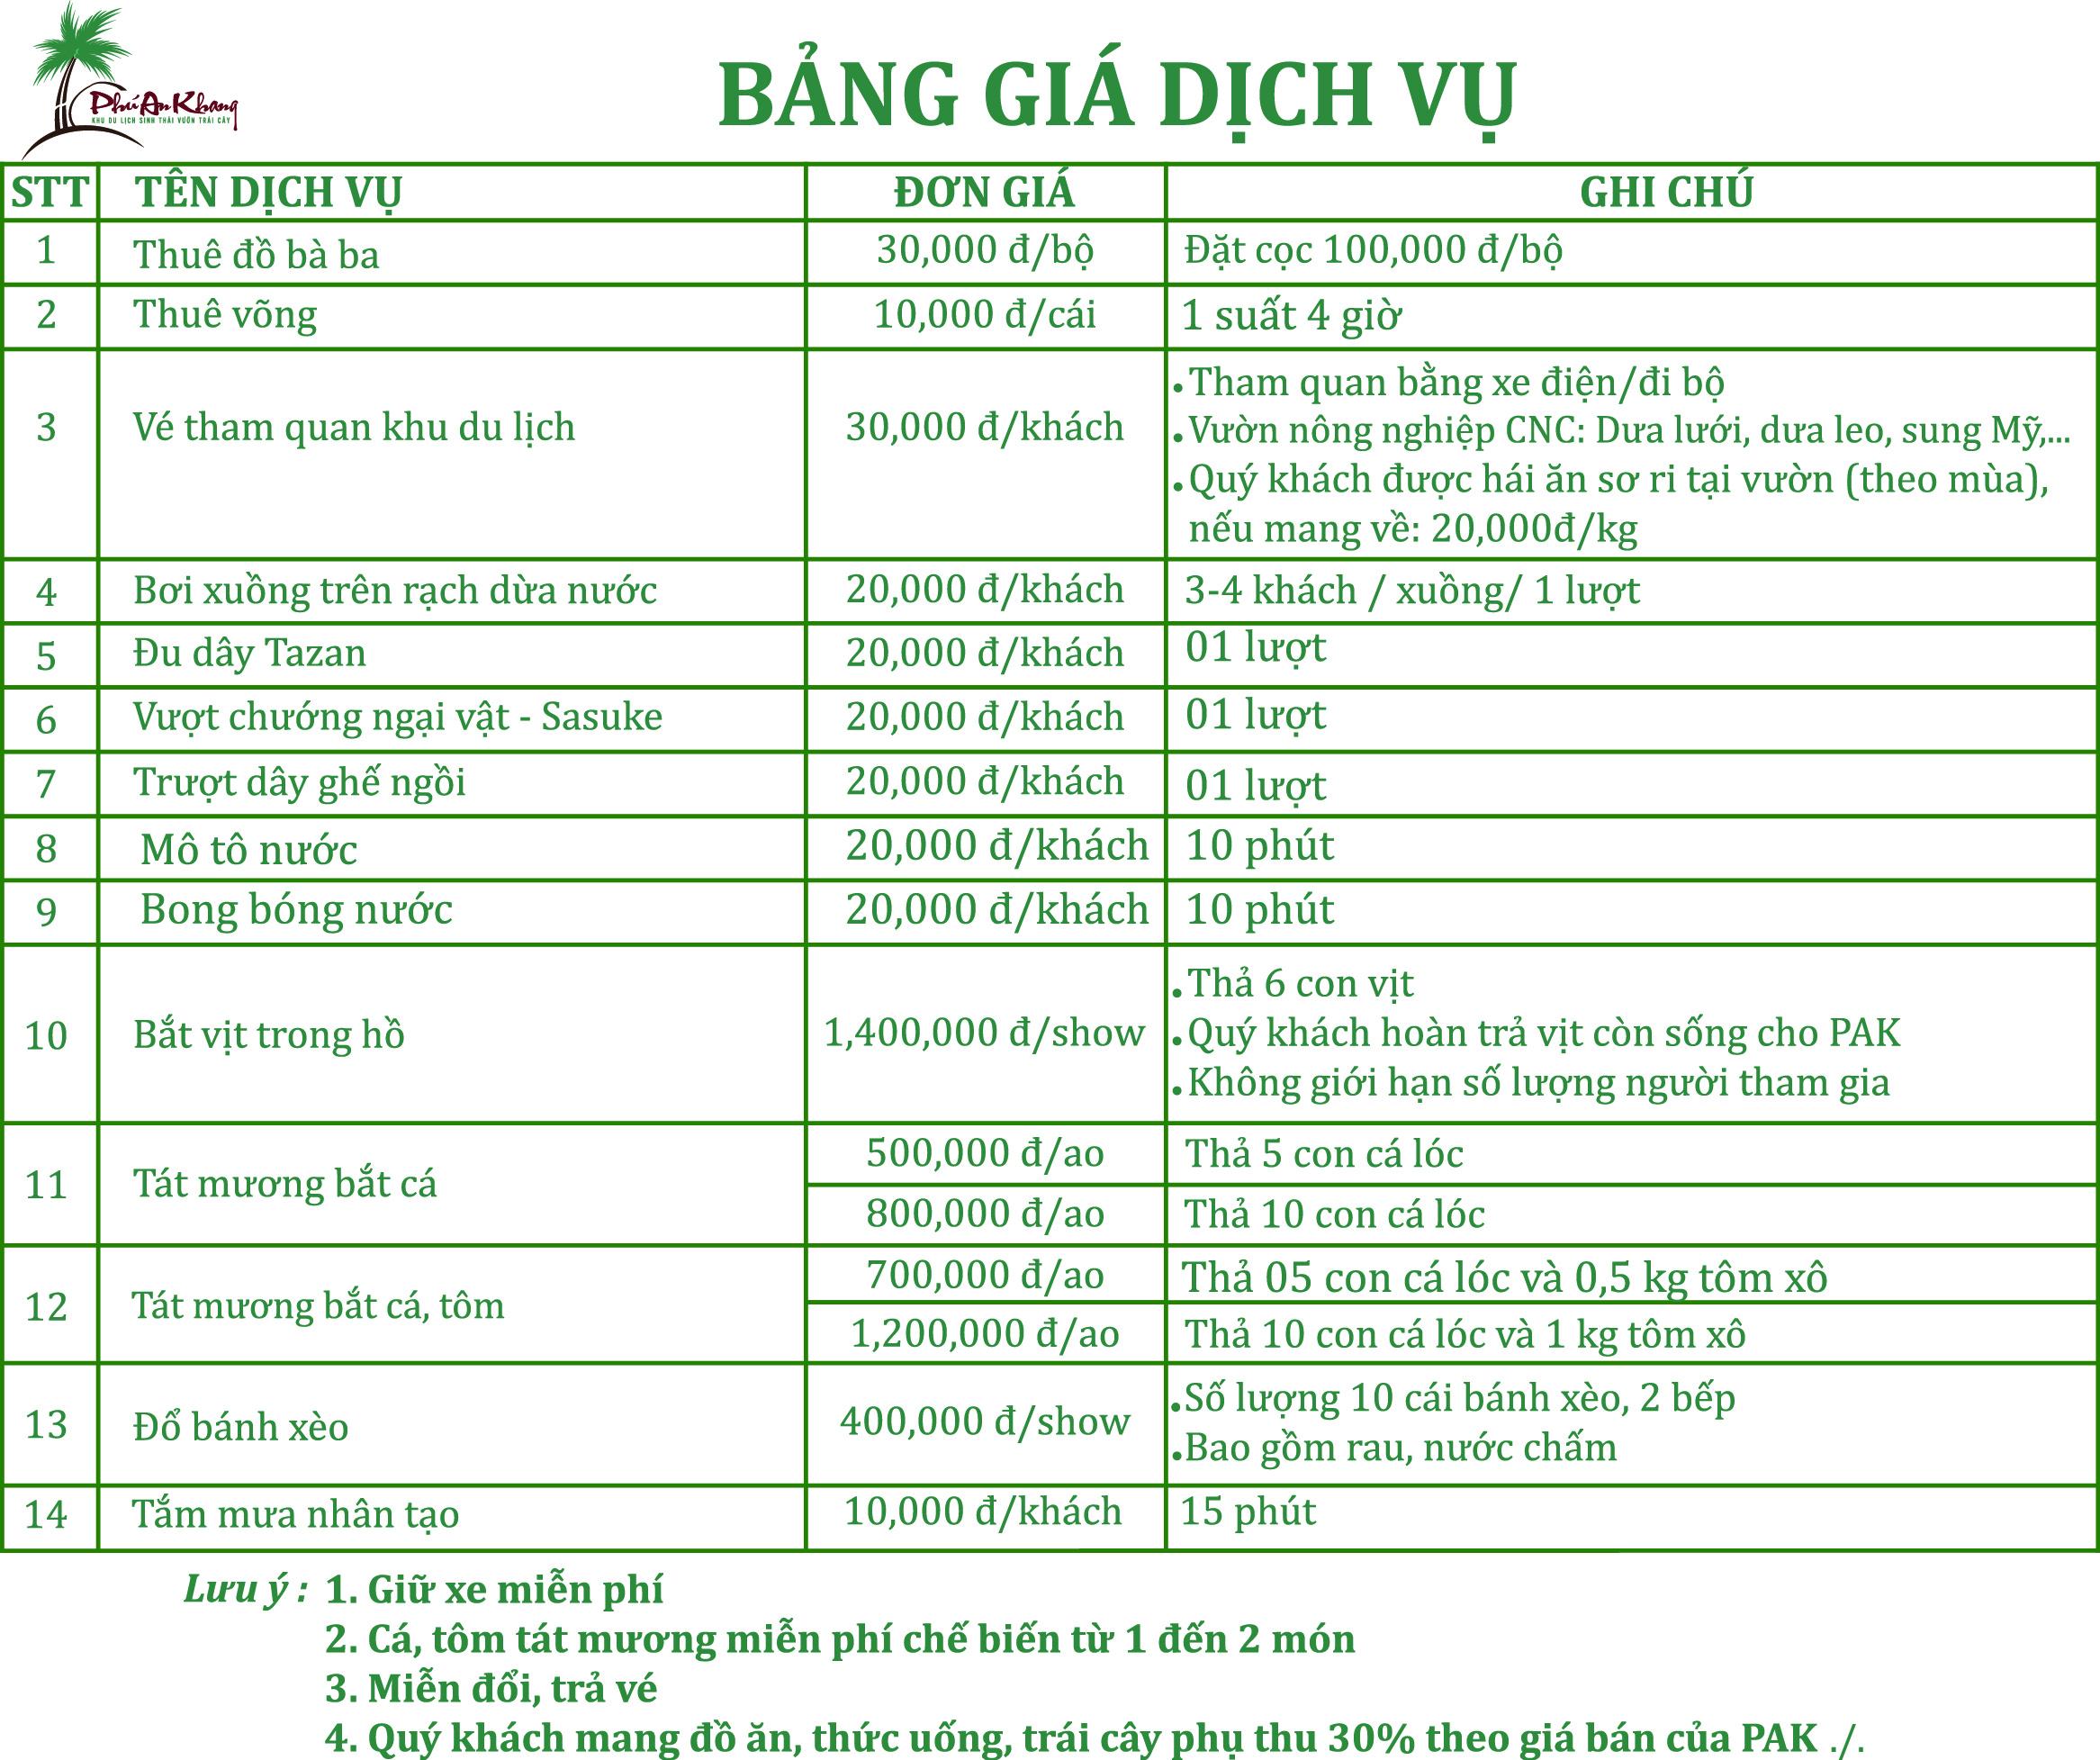 bảng giá dịch vụ khu du lịch Phú An Khang